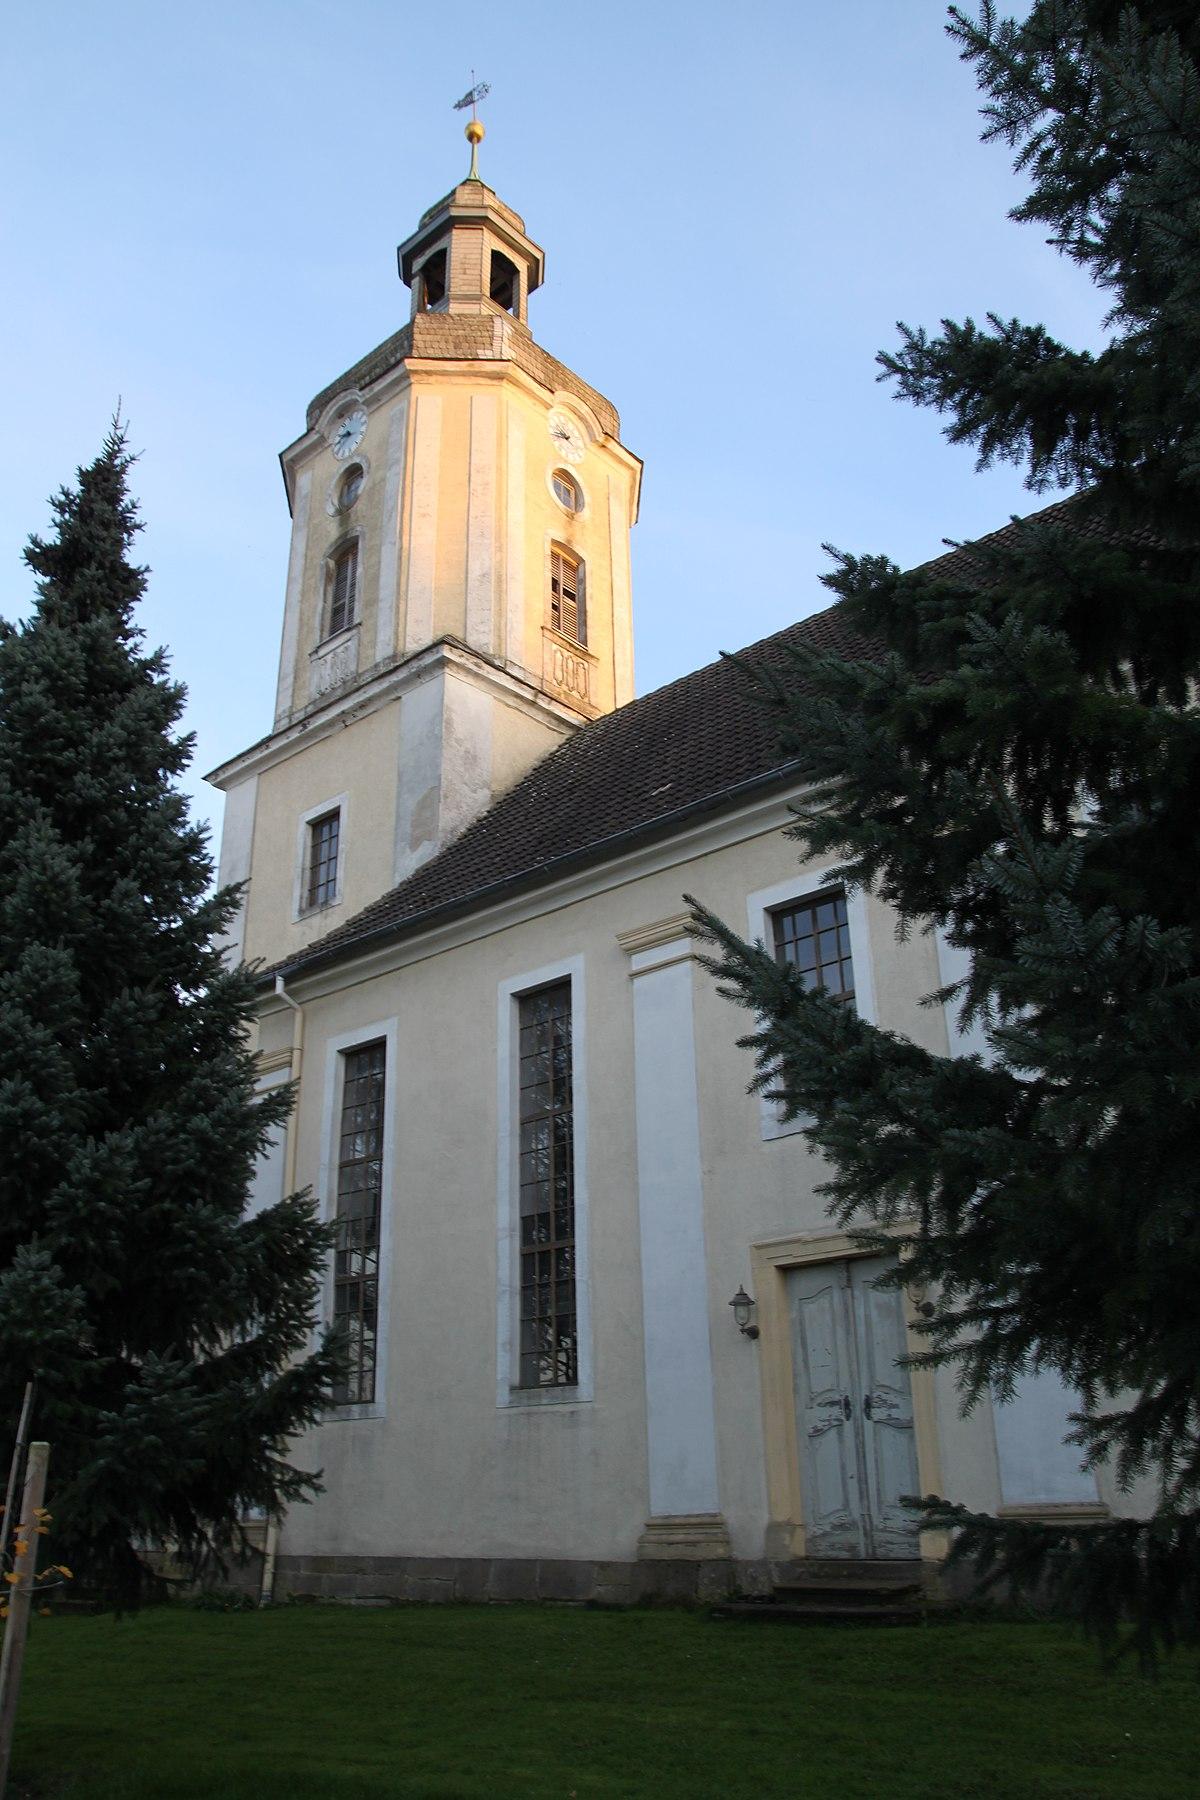 Etzdorf